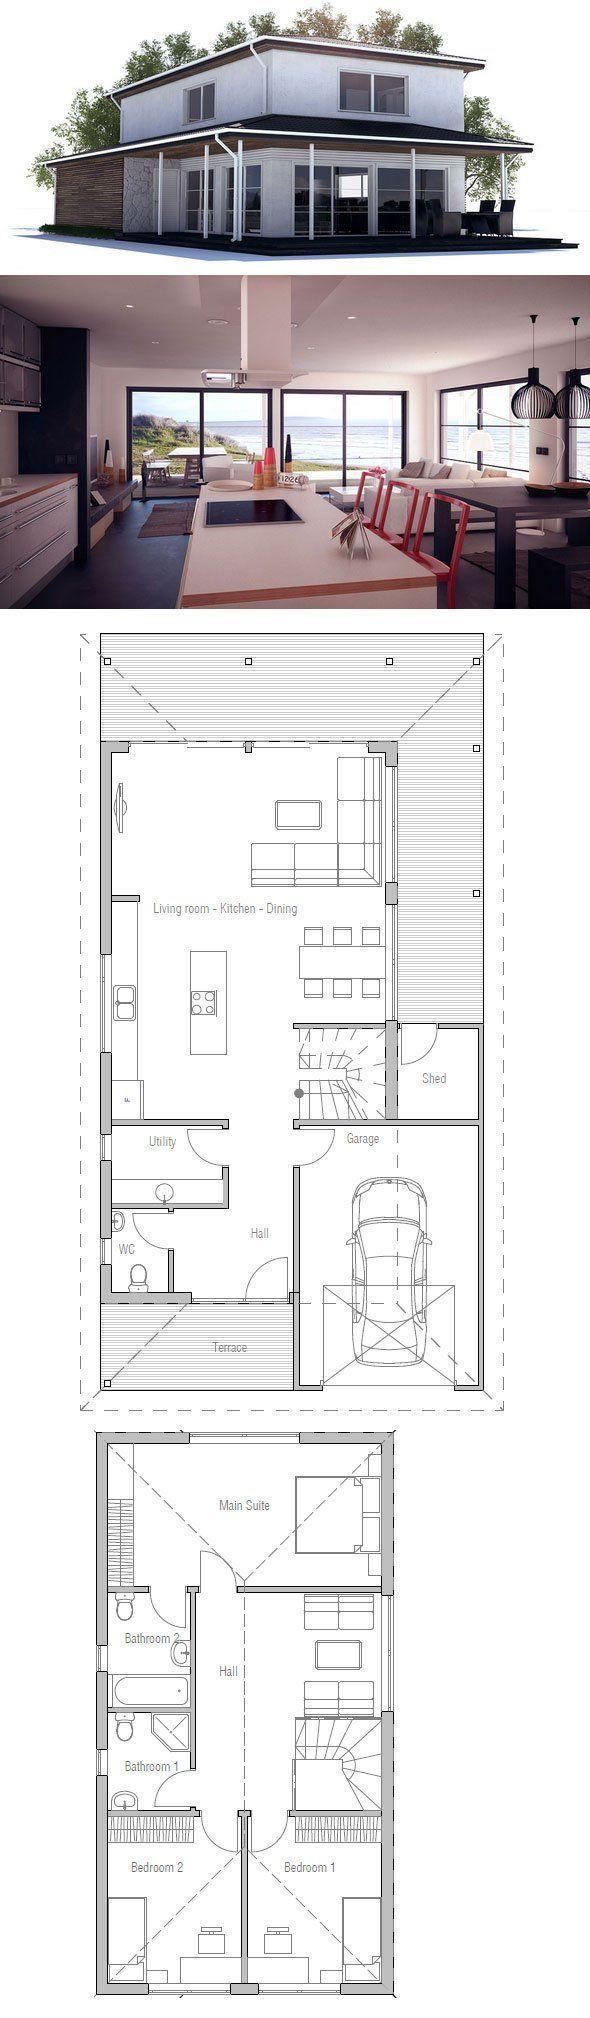 """Über 1.000 Ideen zu """"Schmale Hauspläne auf Pinterest Hauspläne ... size: 590 x 2018 post ID: 6 File size: 0 B"""